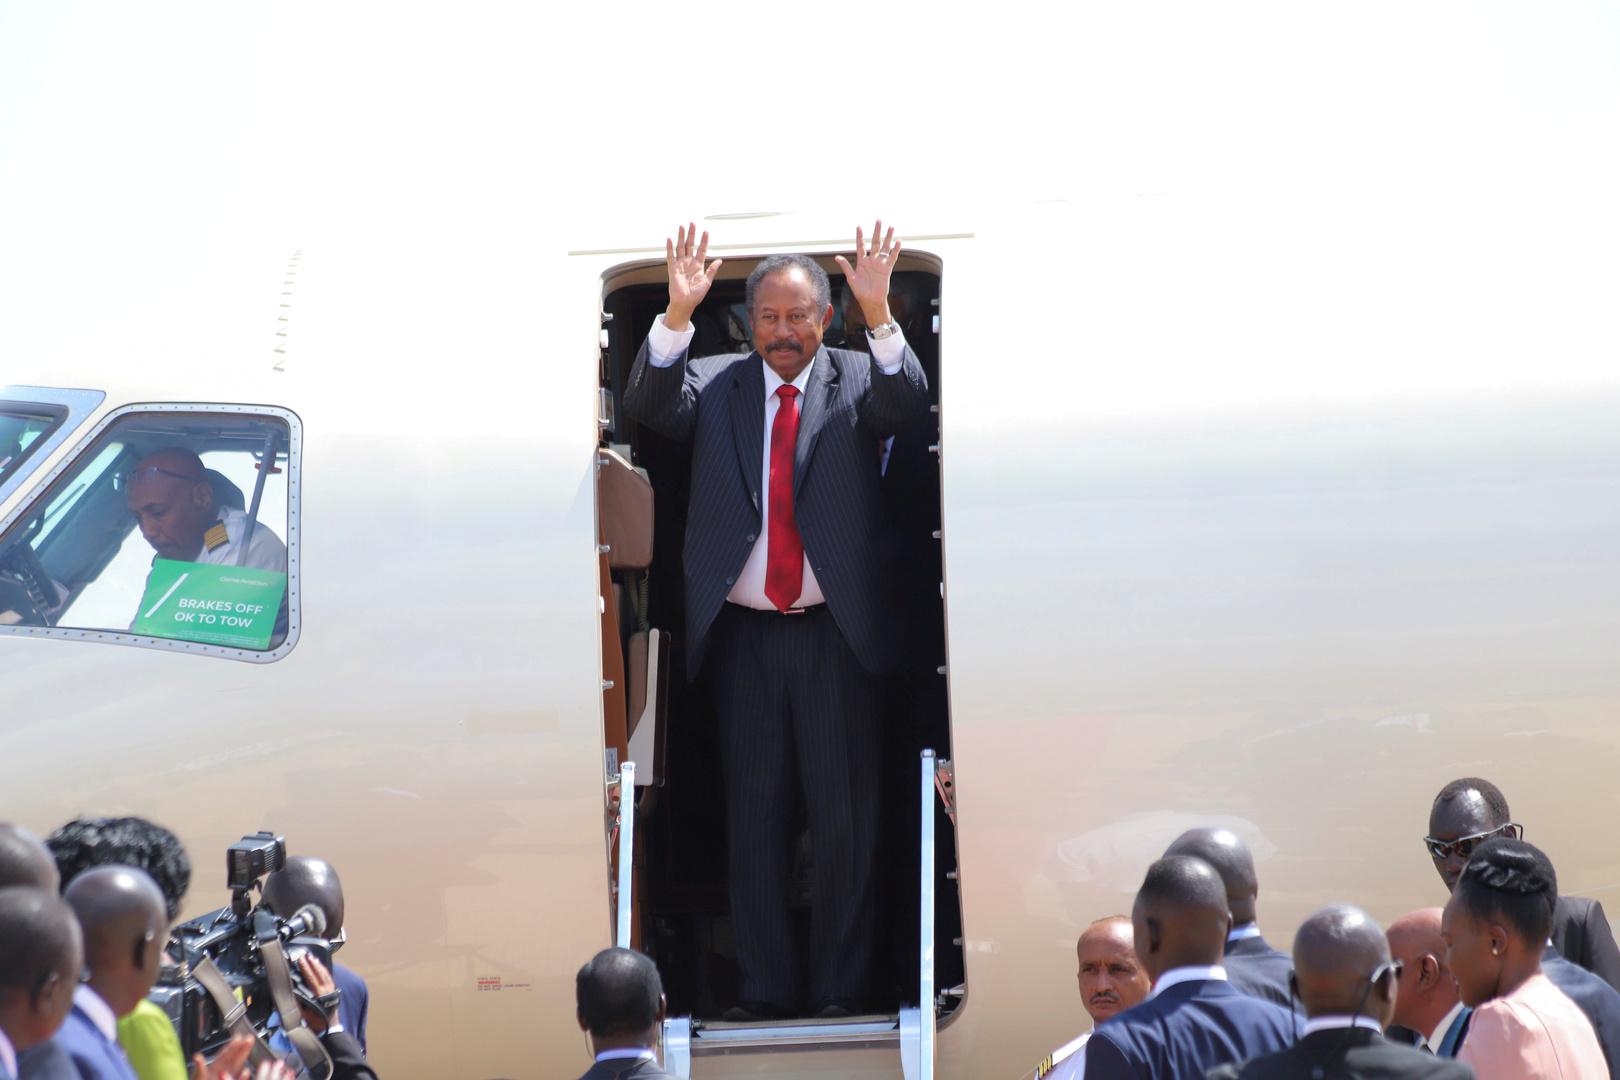 السودان.. حمدوك ودقلو في غربدارفور بعد أعمال عنف دموية